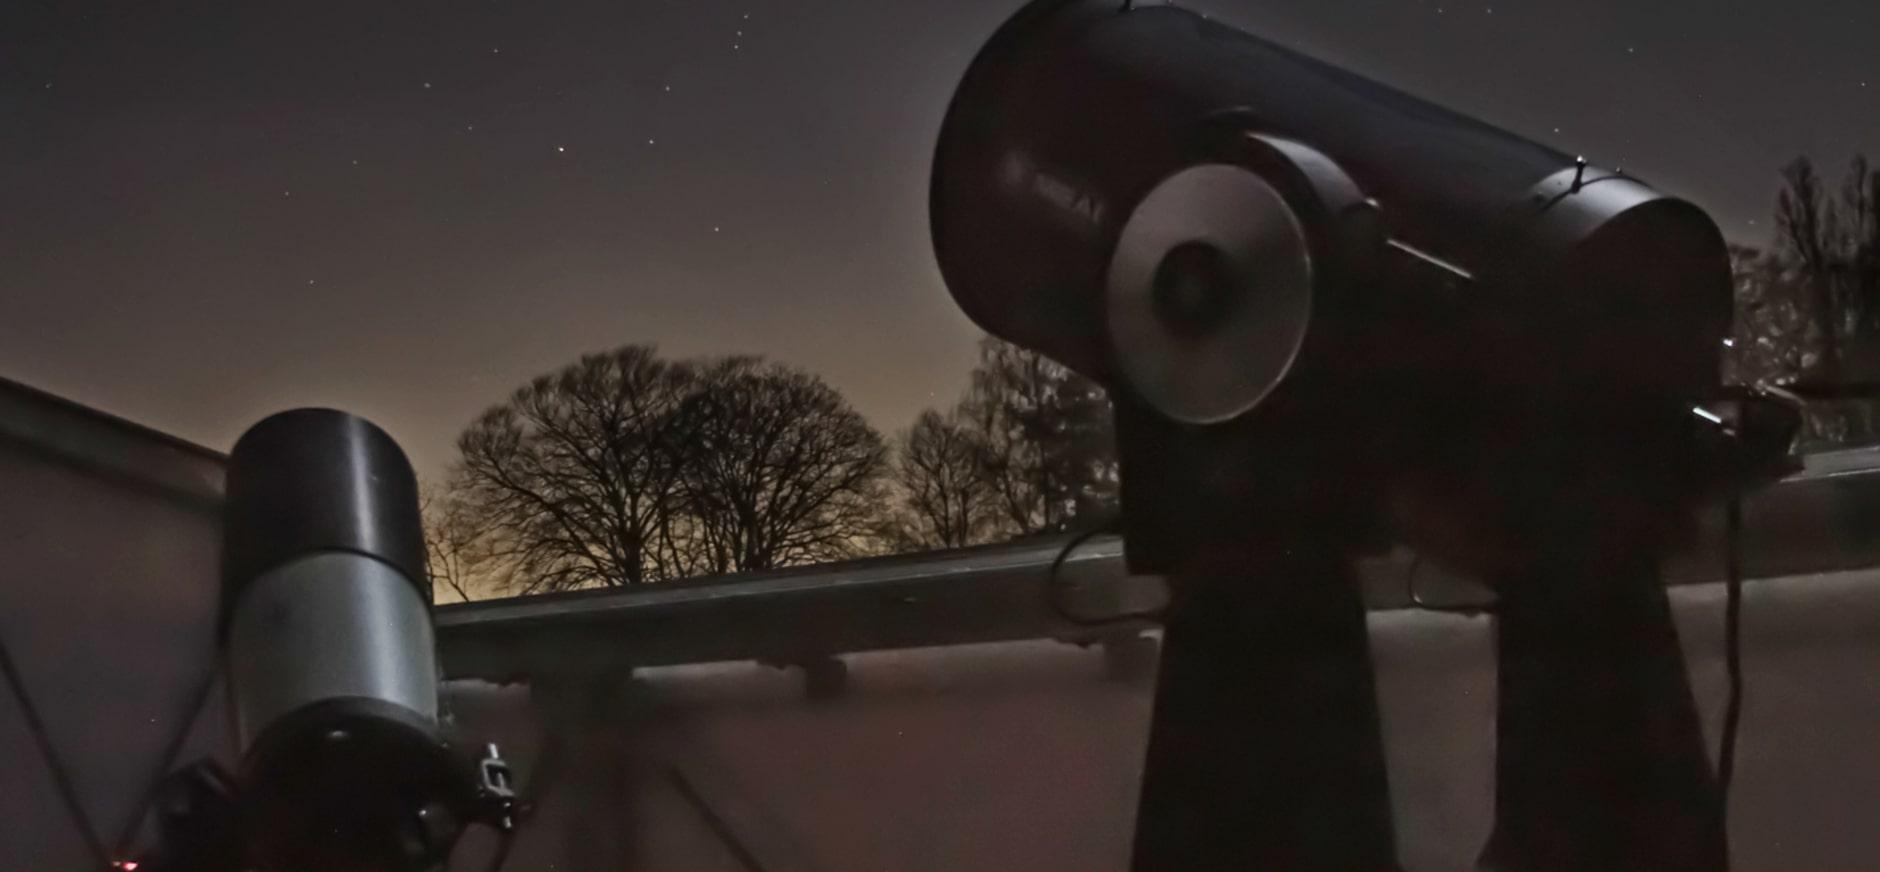 Nieuw: Kom sterren kijken bij Sterrenwacht Gooi en Vechtstreek